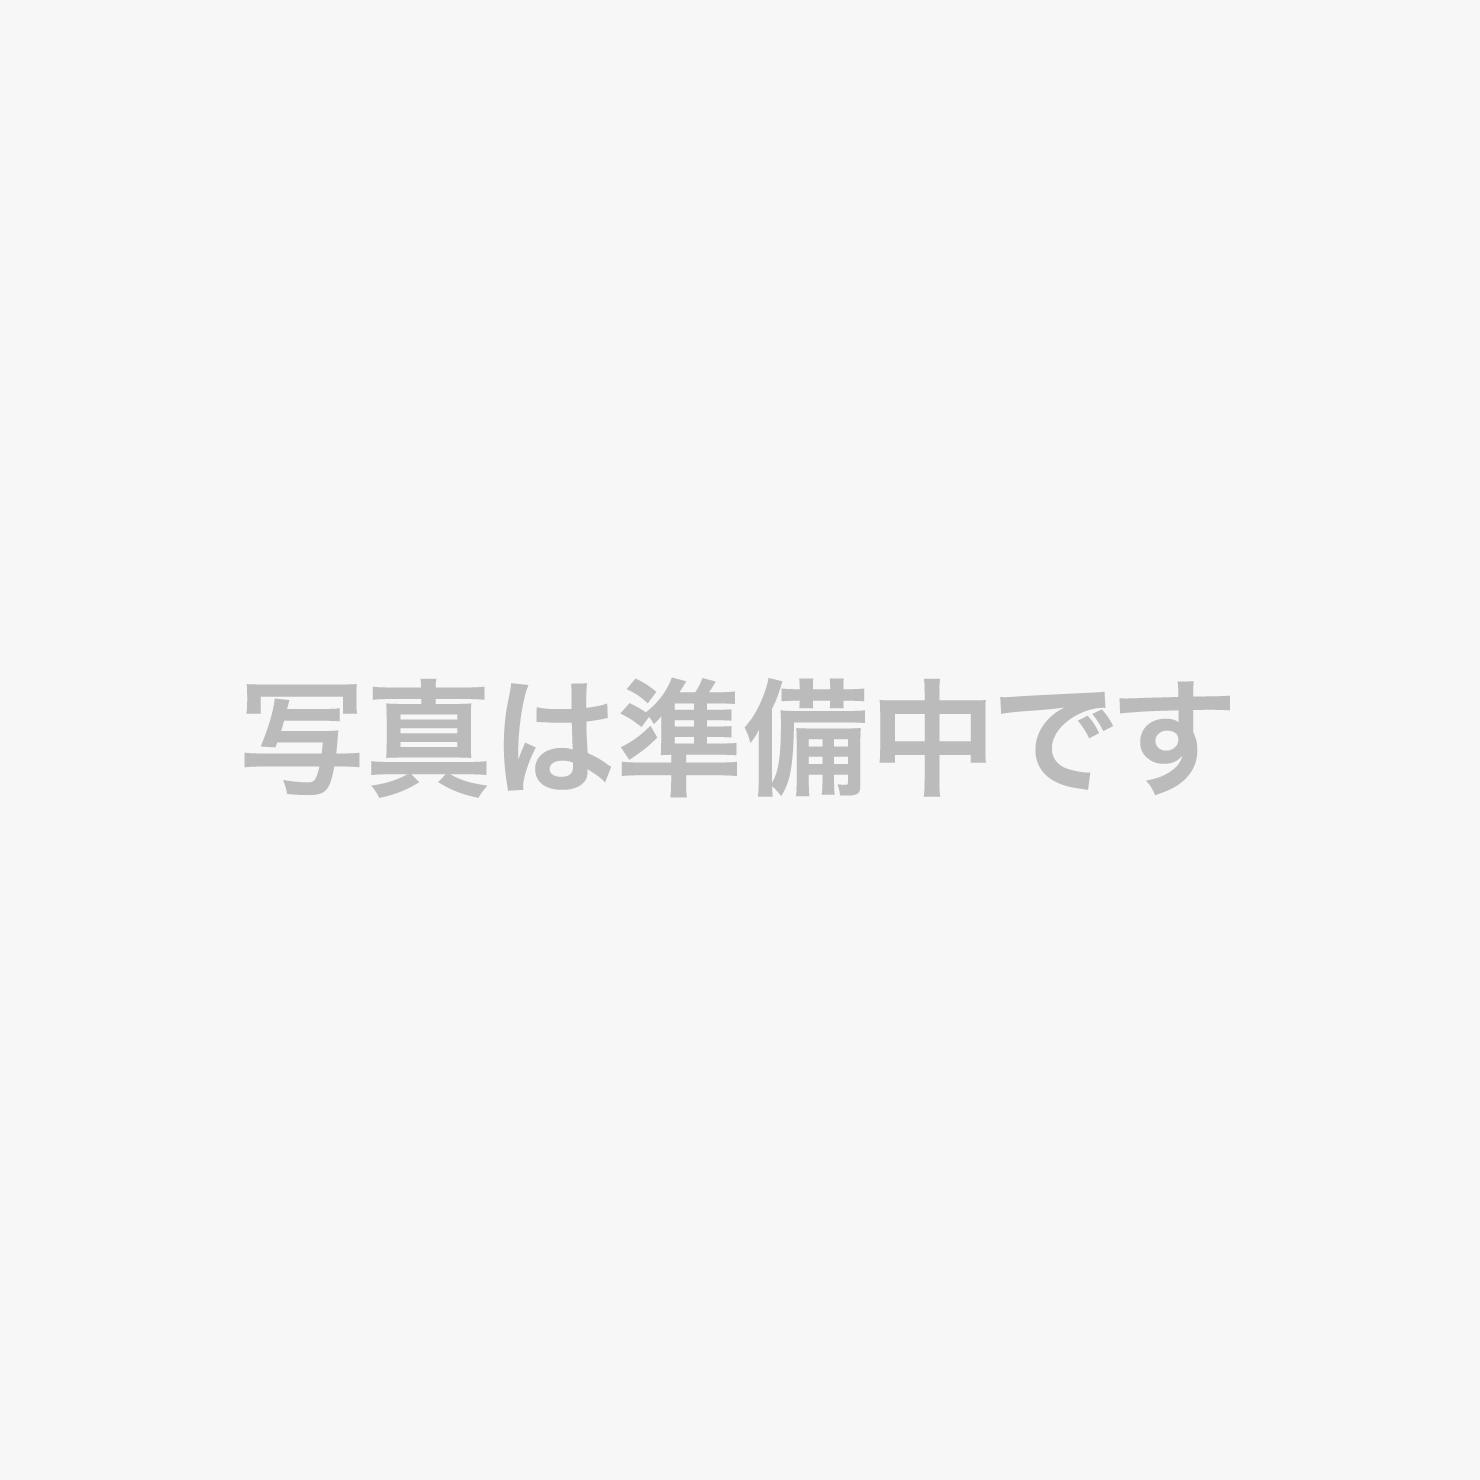 【新江戸ルーム】スタンダード(一例)